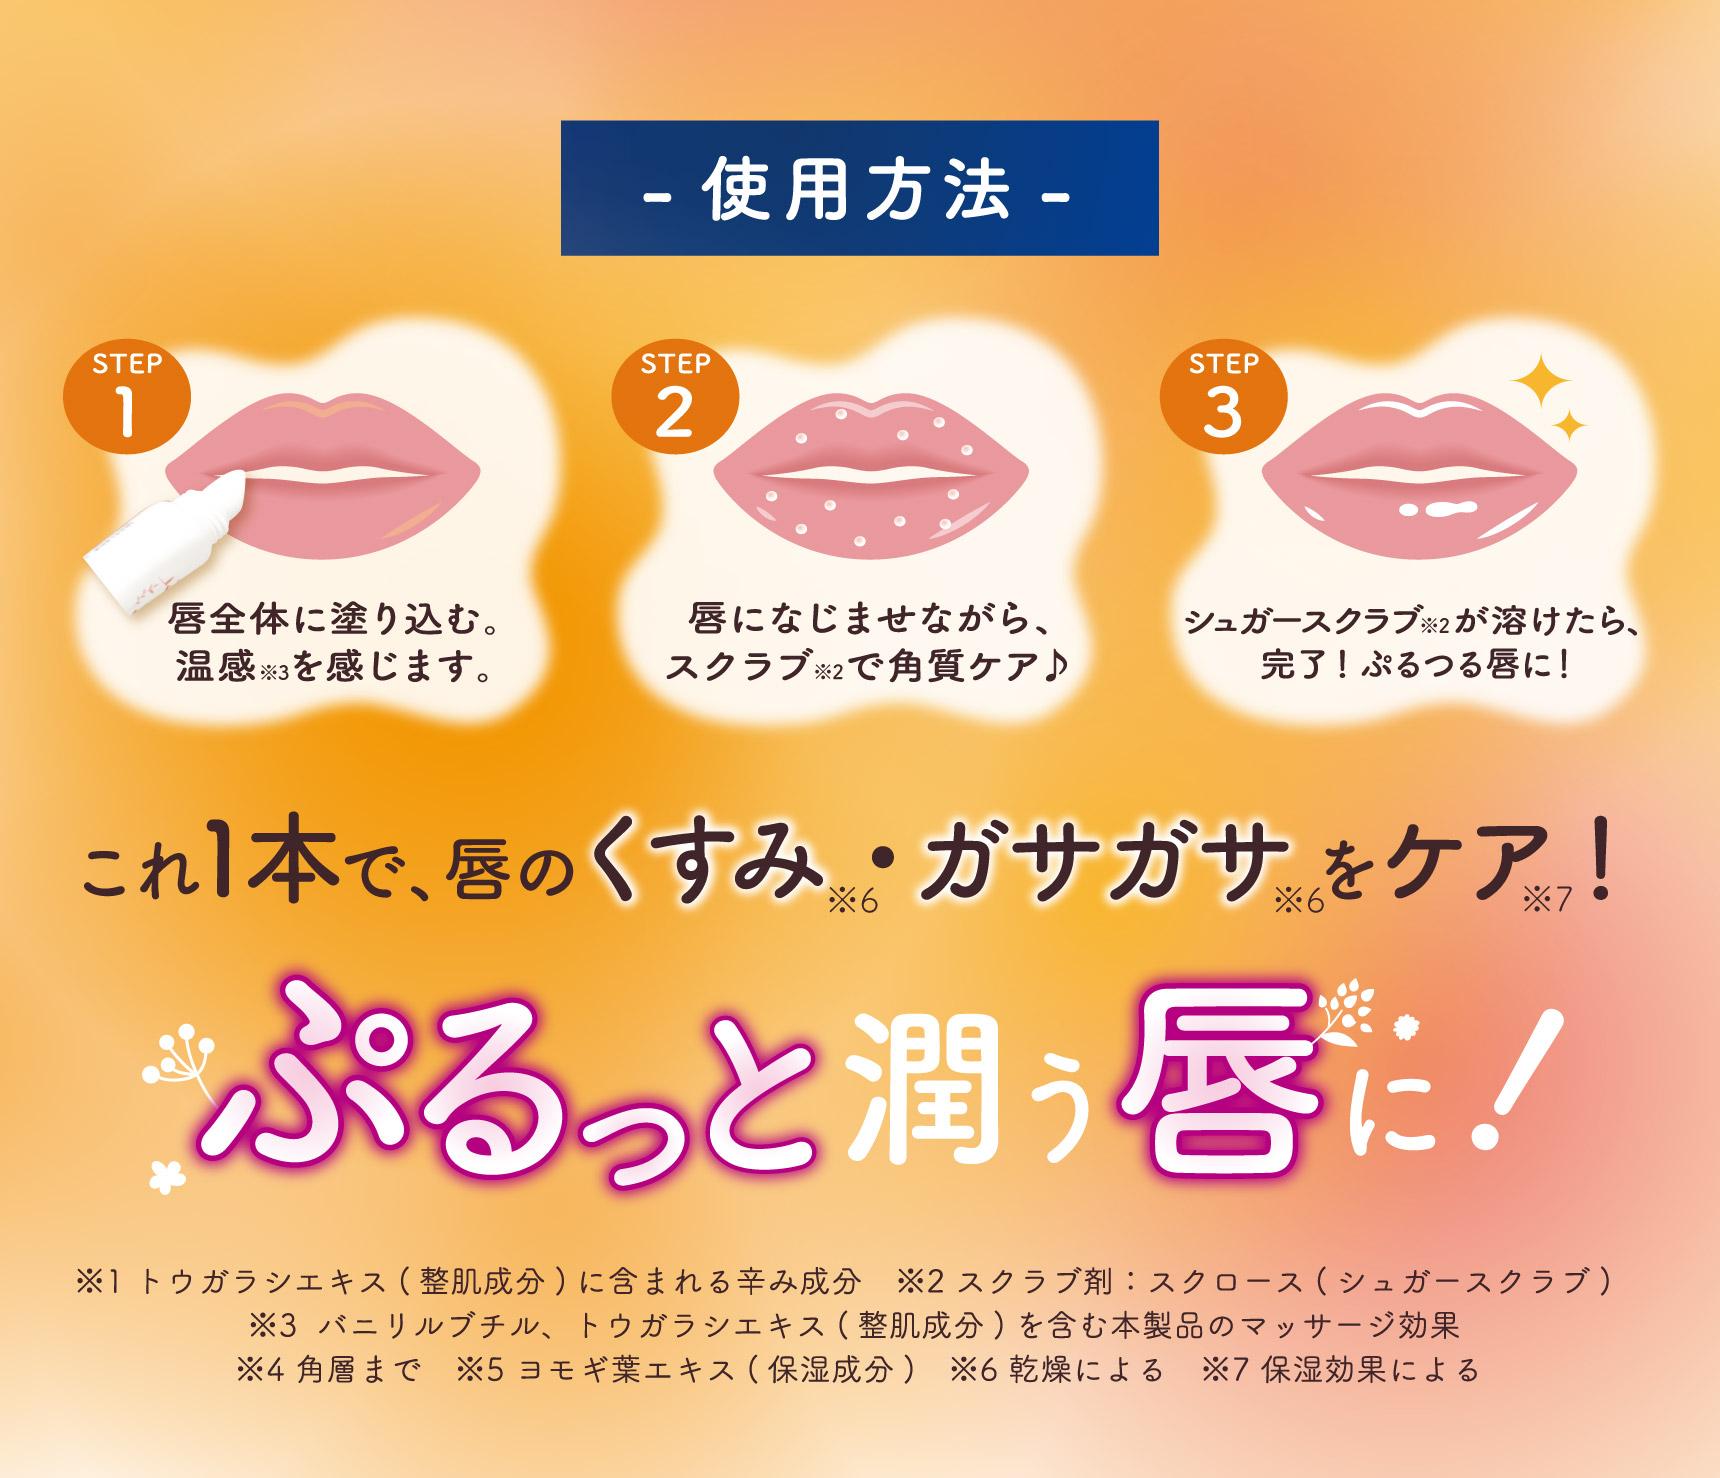 -使用方法- STEP1 唇全体に塗り込む。温感※3を感じます。 STEP2 唇になじませながら、スクラブ※2で角質ケア♪ STEP3 シュガースクラブ※2が溶けたら、完了!ぷるつる唇に! これ一本で、唇のくすみ※6・ガサガサ※6をケア!※7 ぷるっと潤う唇に! ※1 トウガラシエキス(整肌成分)に含まれる辛み成分 ※2 スクラブ剤:スクロース(シュガースクラブ)  ※3  バニリルブチル、トウガラシエキス(整肌成分)を含む本製品のマッサージ効果  ※4 角層まで ※5 ヨモギ葉エキス(保湿成分) ※6 乾燥による ※7 保湿効果による